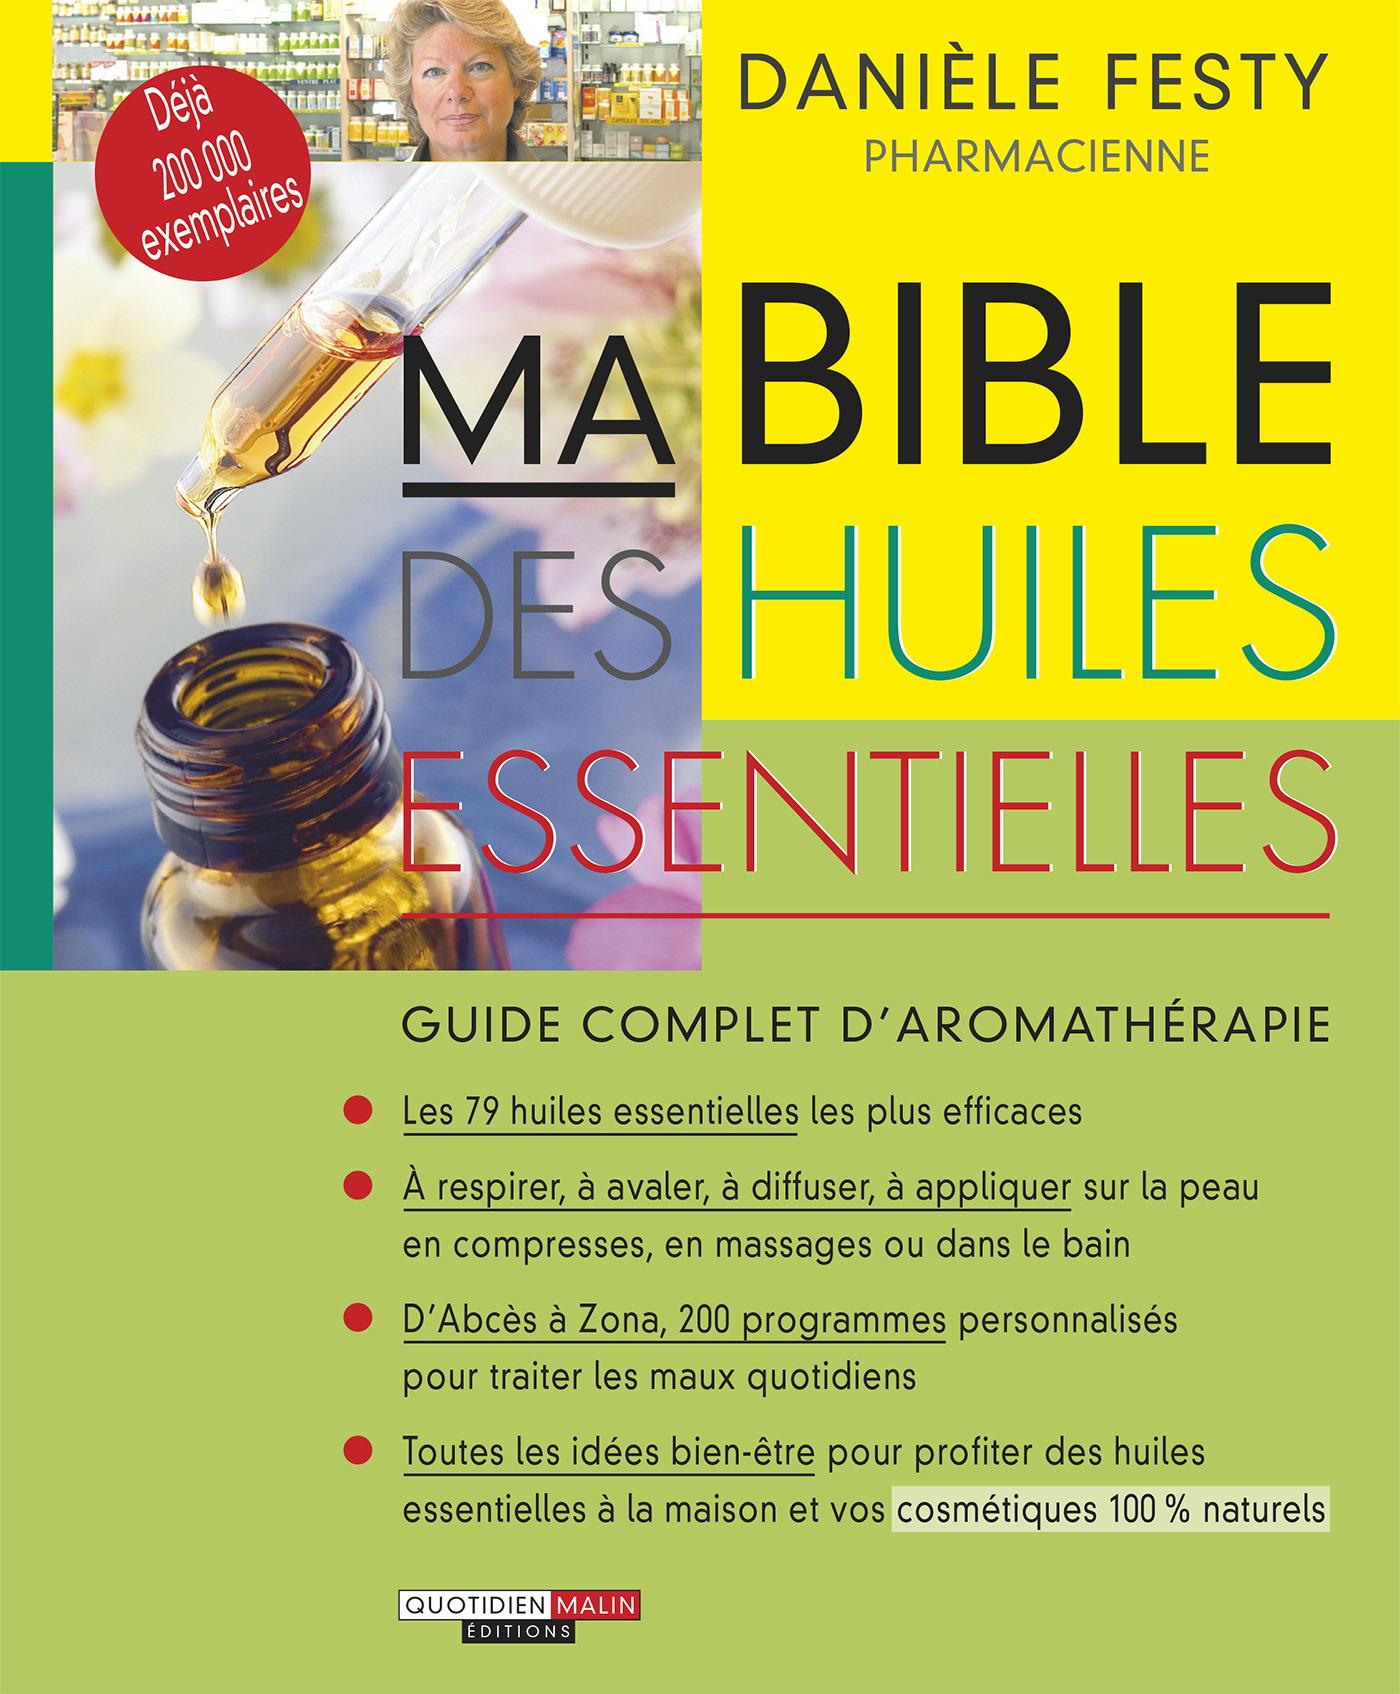 Danièle Festy Ma bible des huiles essentielles